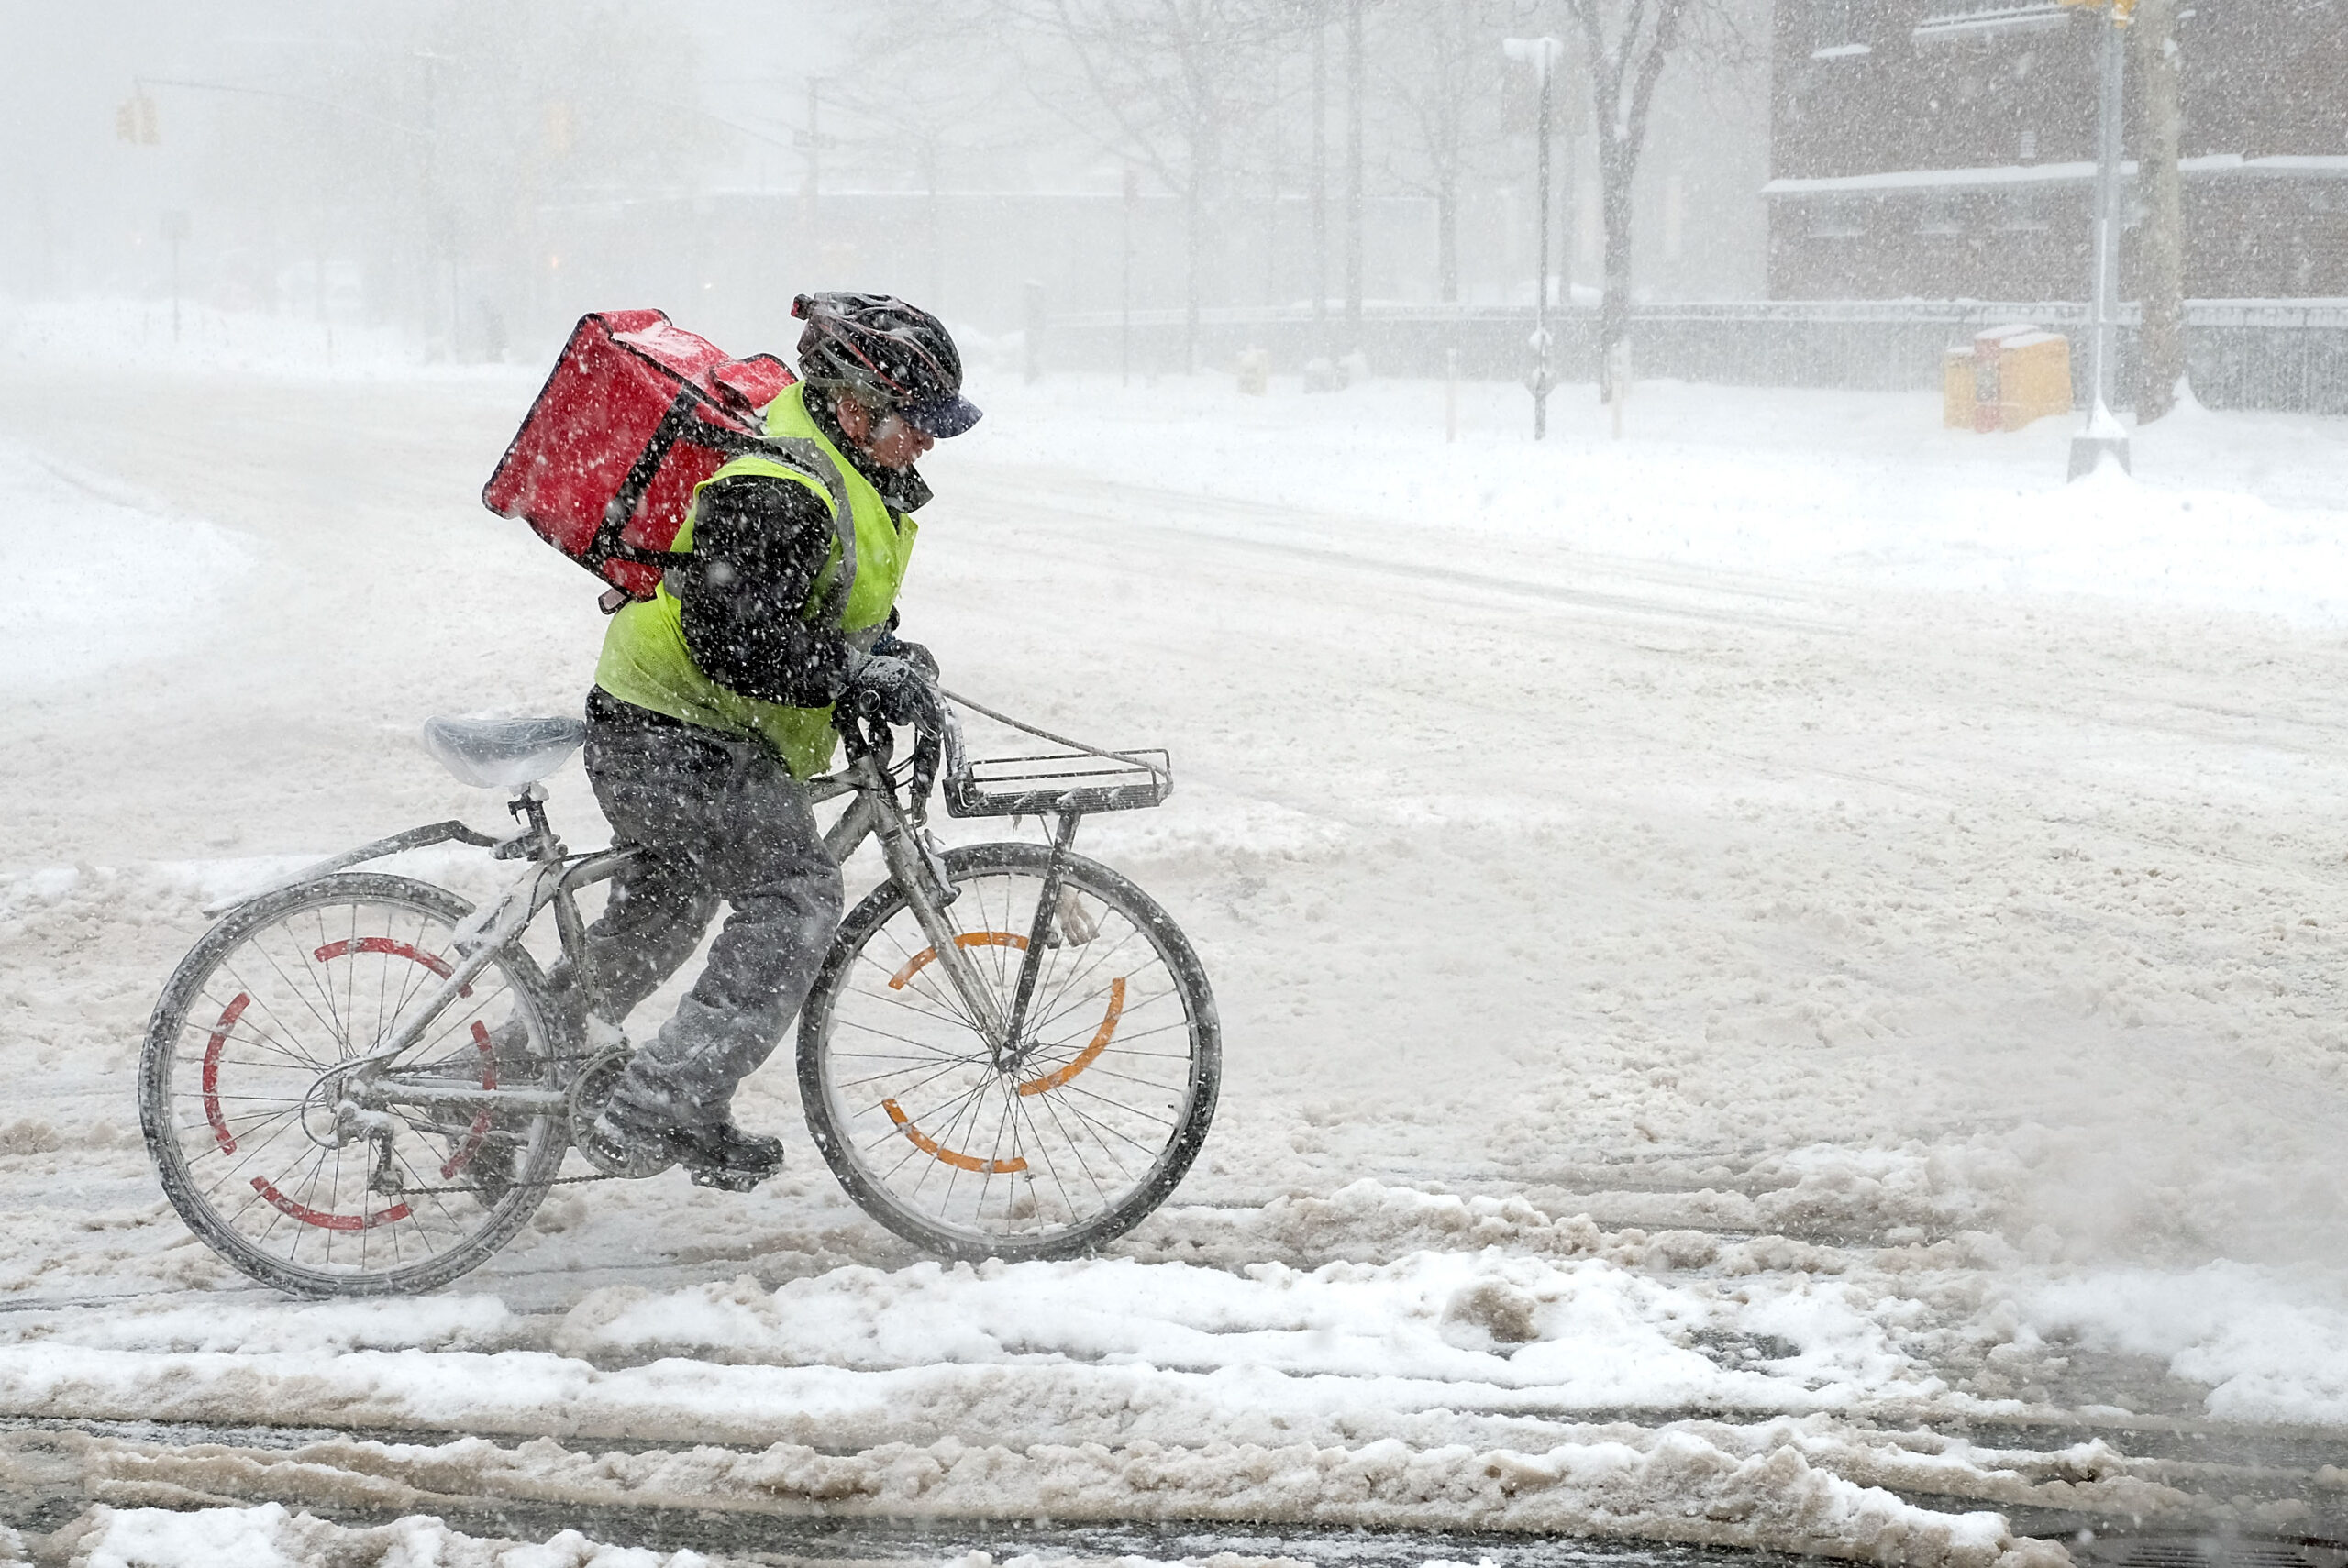 Ντελίβερι στα χιόνια : Ψάχνετε να παραγγείλετε;